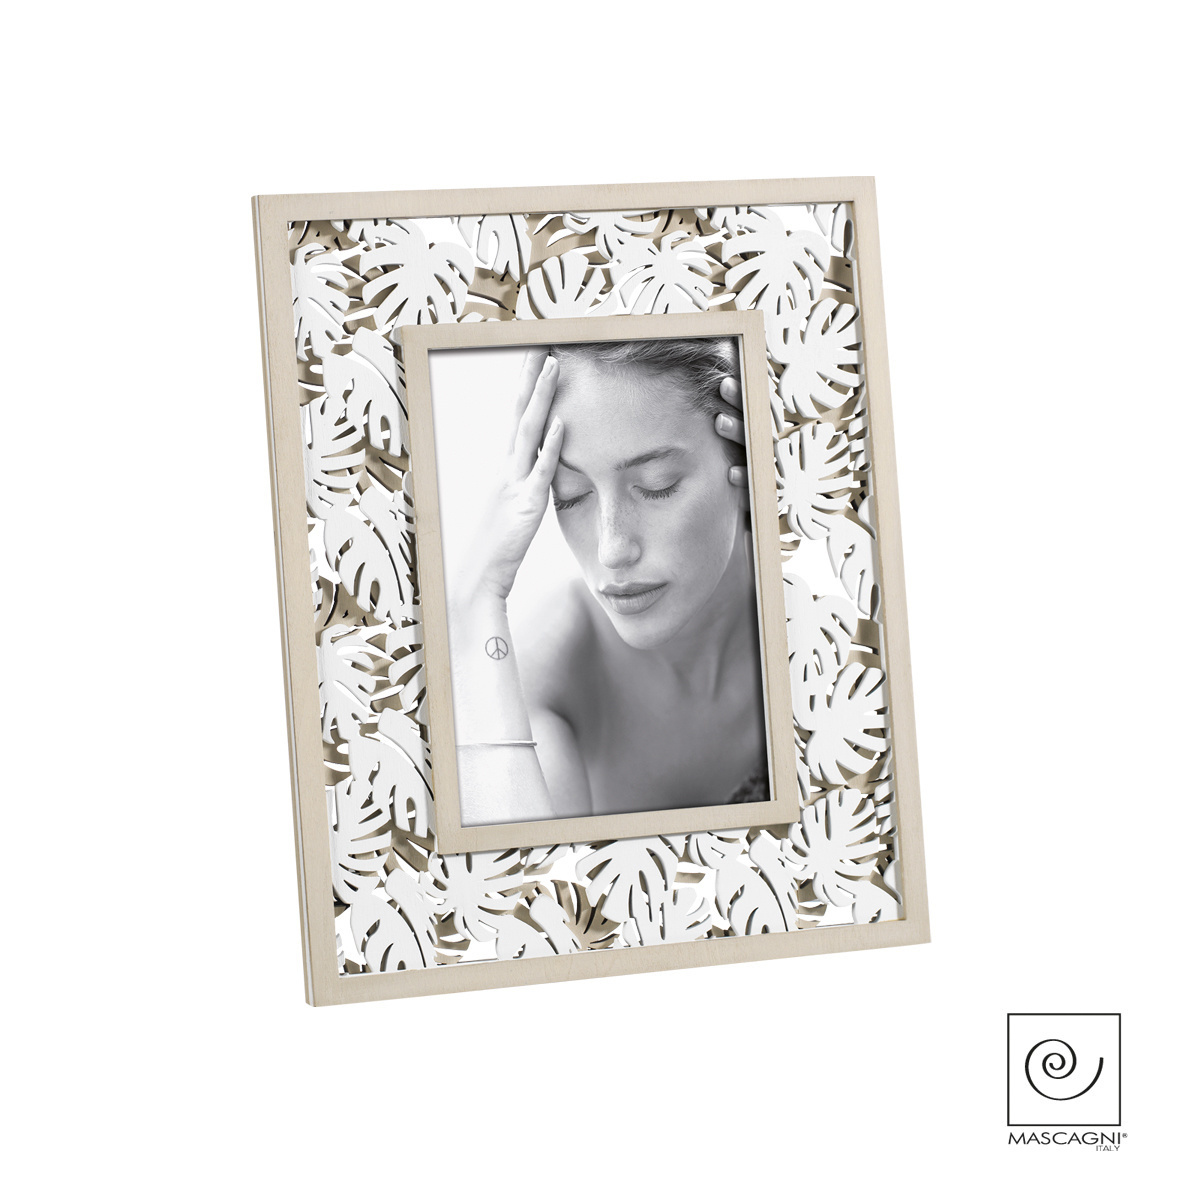 Art Mascagni A891 PHOTO FRAME 13X18 - COL.WHITE